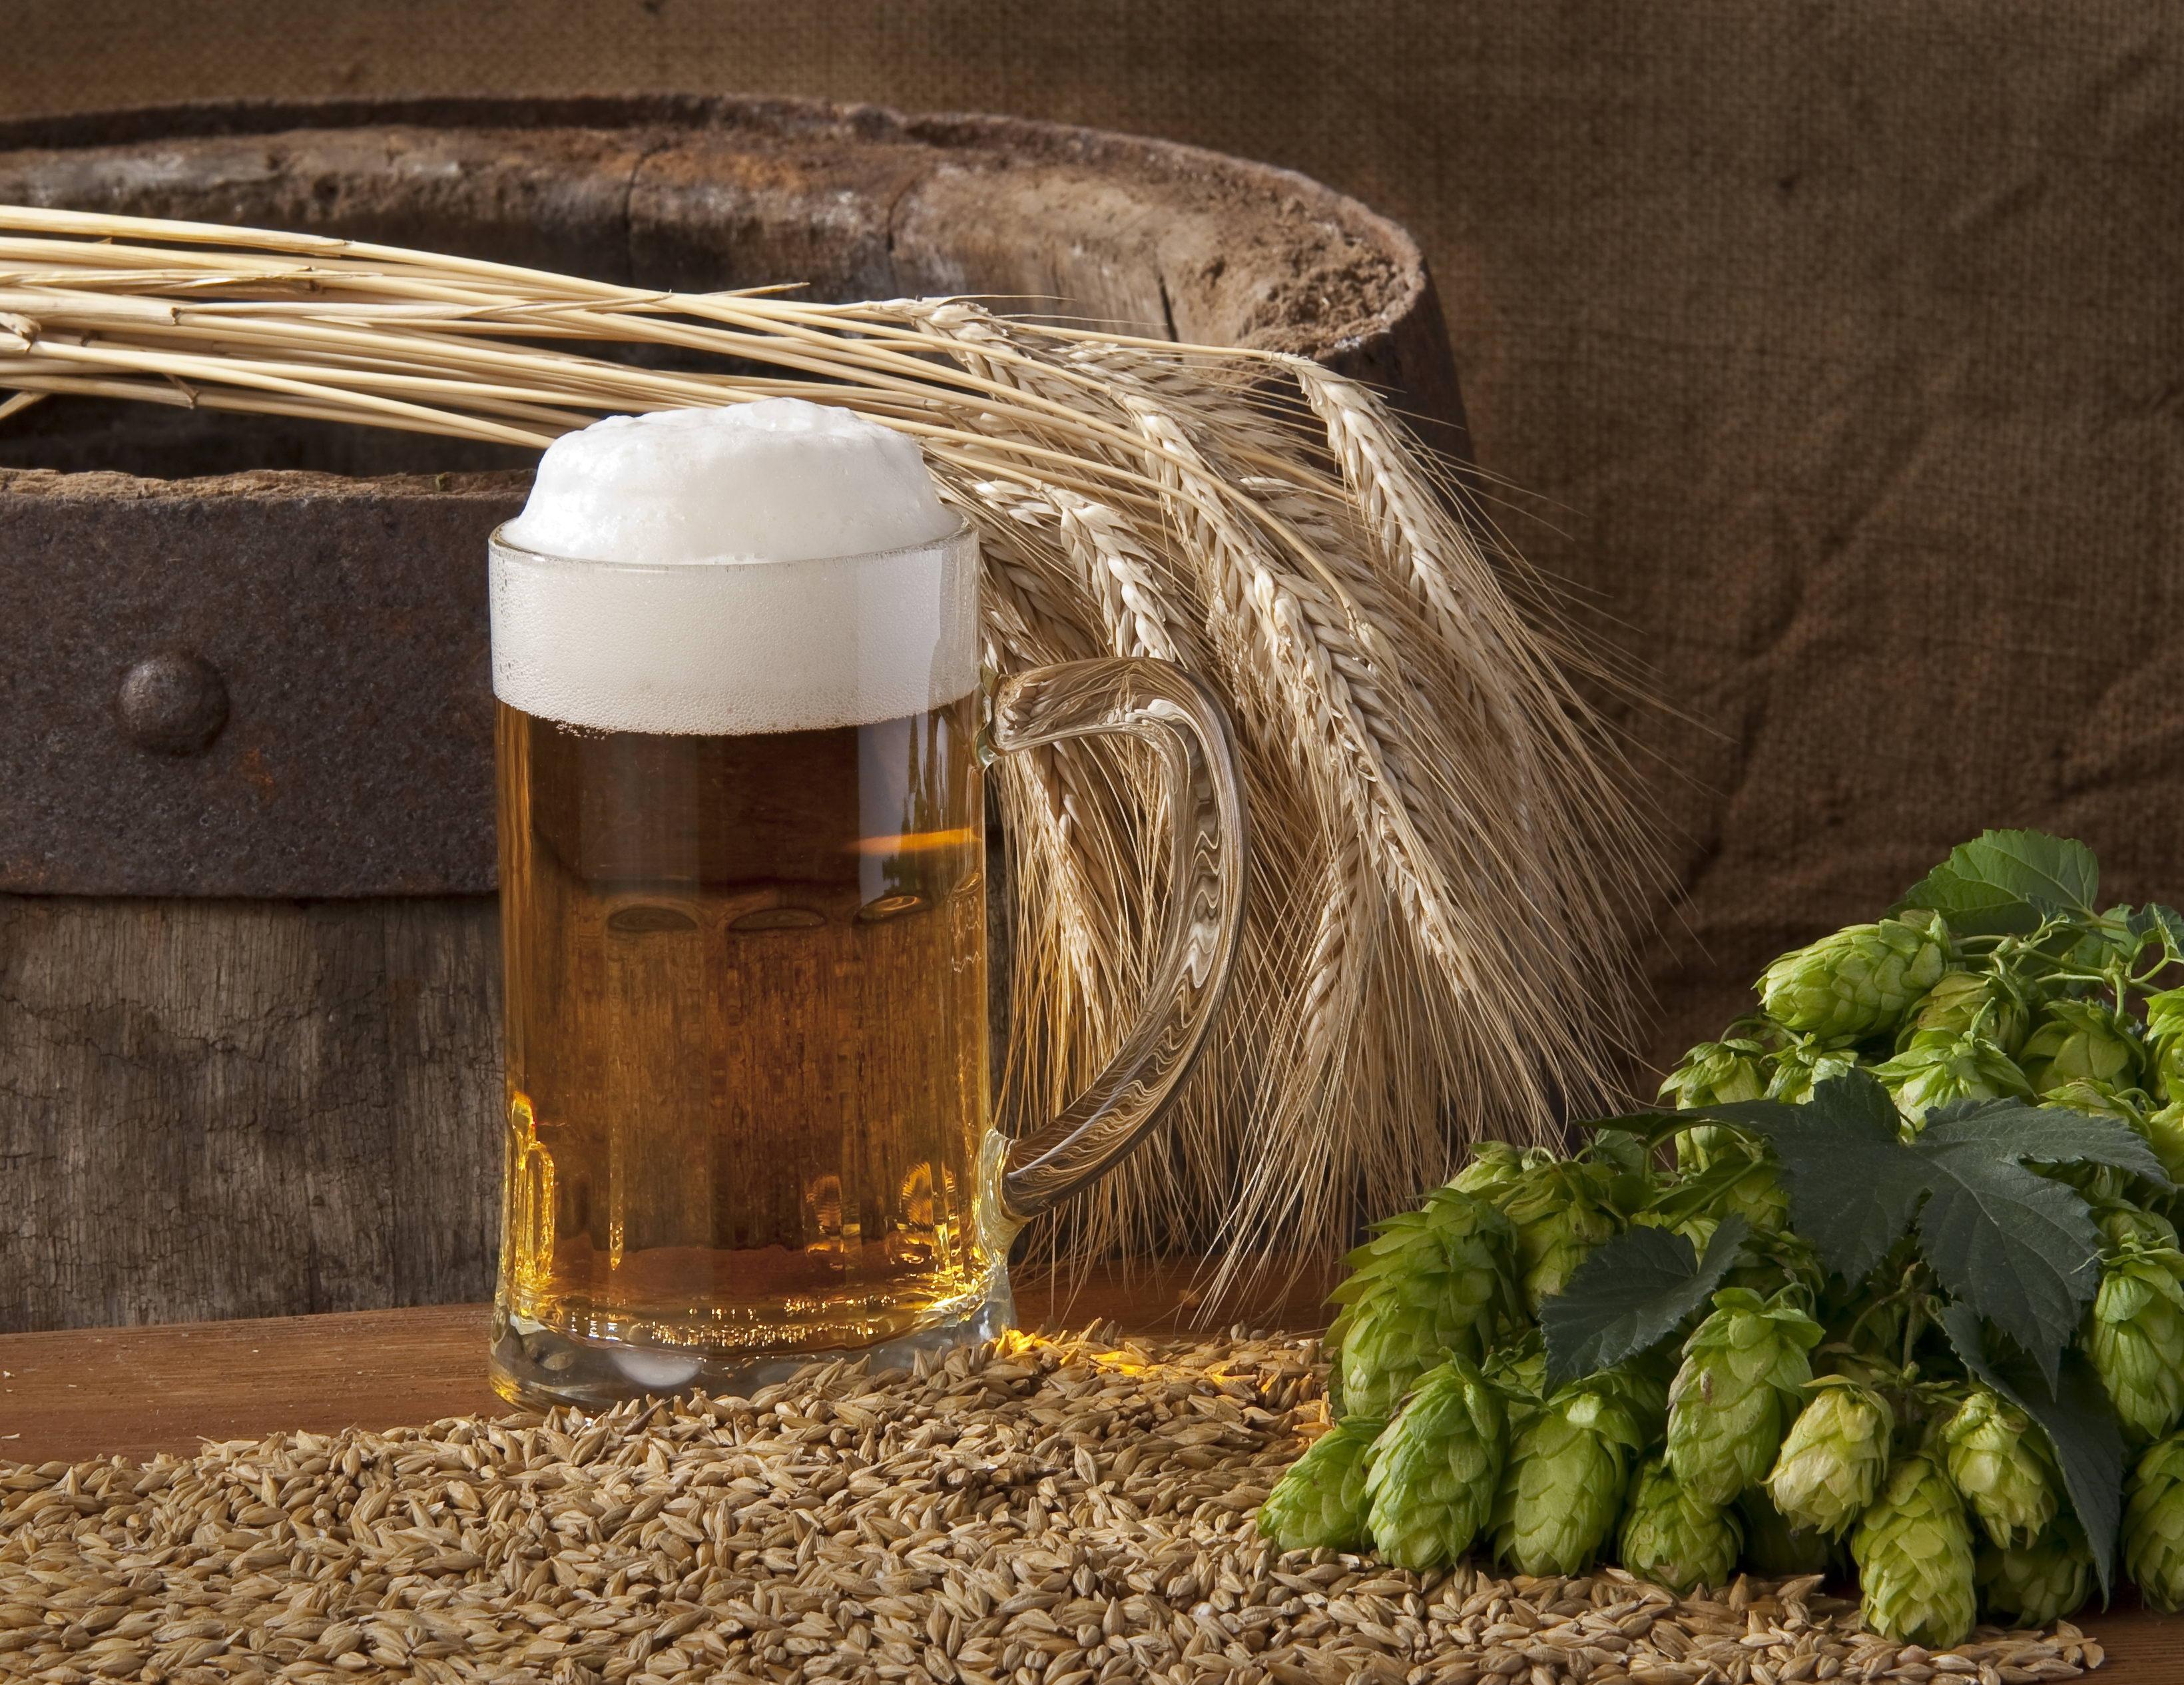 Хмелёфф - пиво в кегах, разливное пиво, живое пиво 58